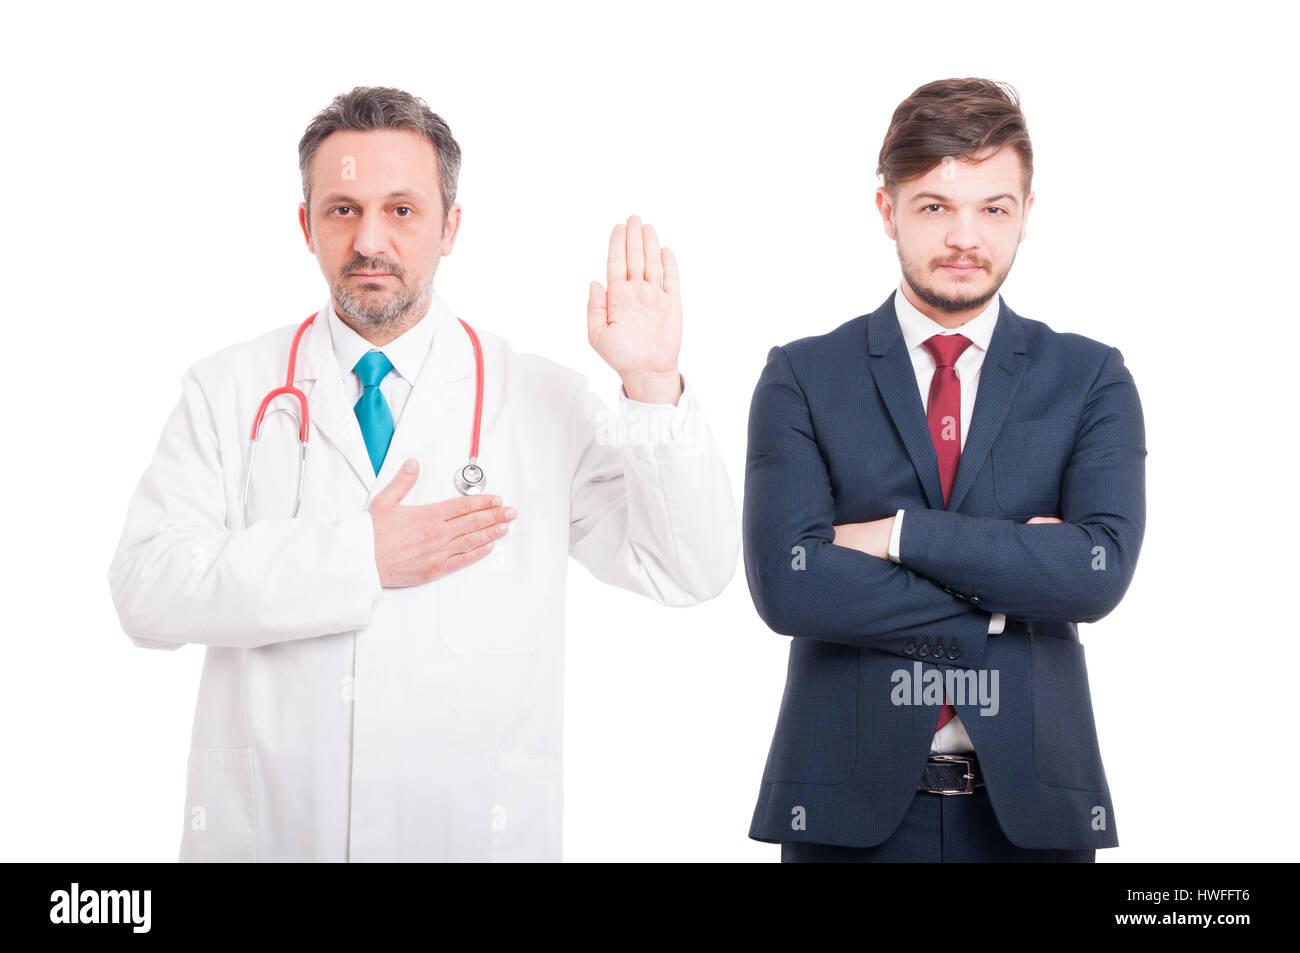 Maschio onesto medic facendo un voto come devozione o concetto di fedeltà nei pressi di imprenditore isolato Immagini Stock